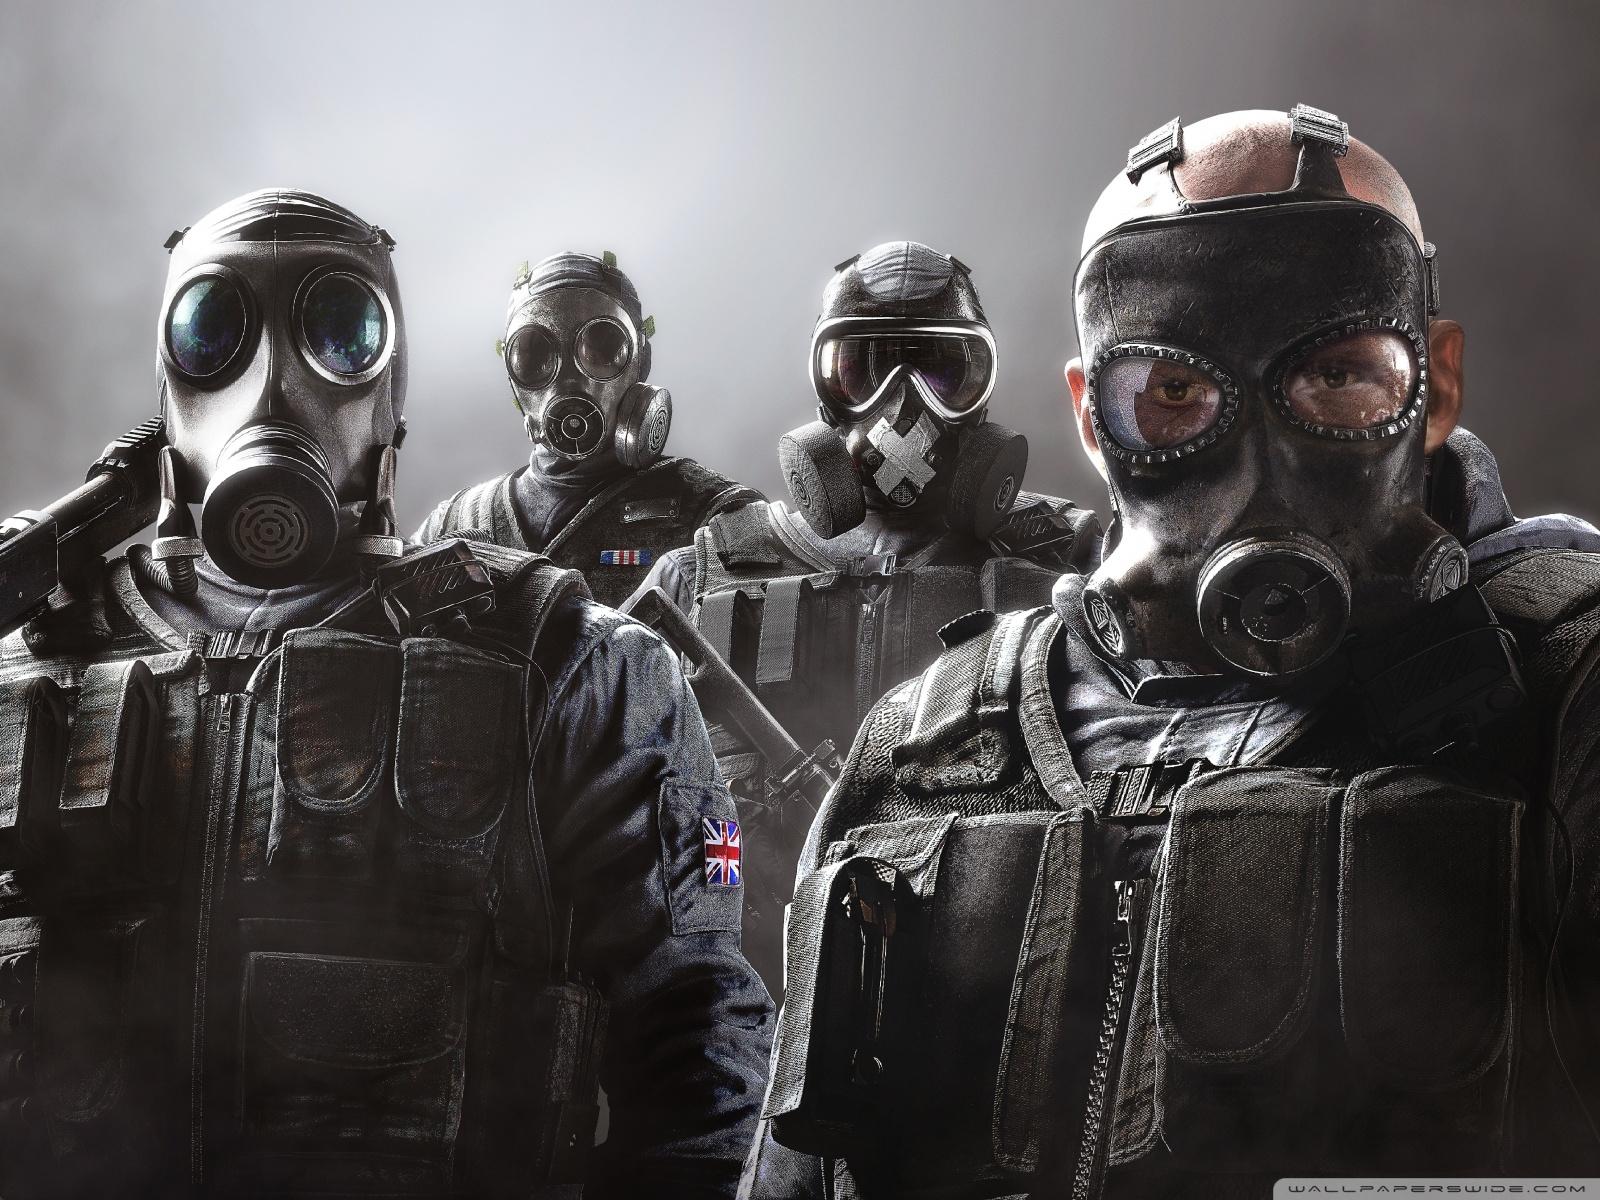 Free Tom Clancys Rainbow Six Siege phone wallpaper by mocyloashmatt